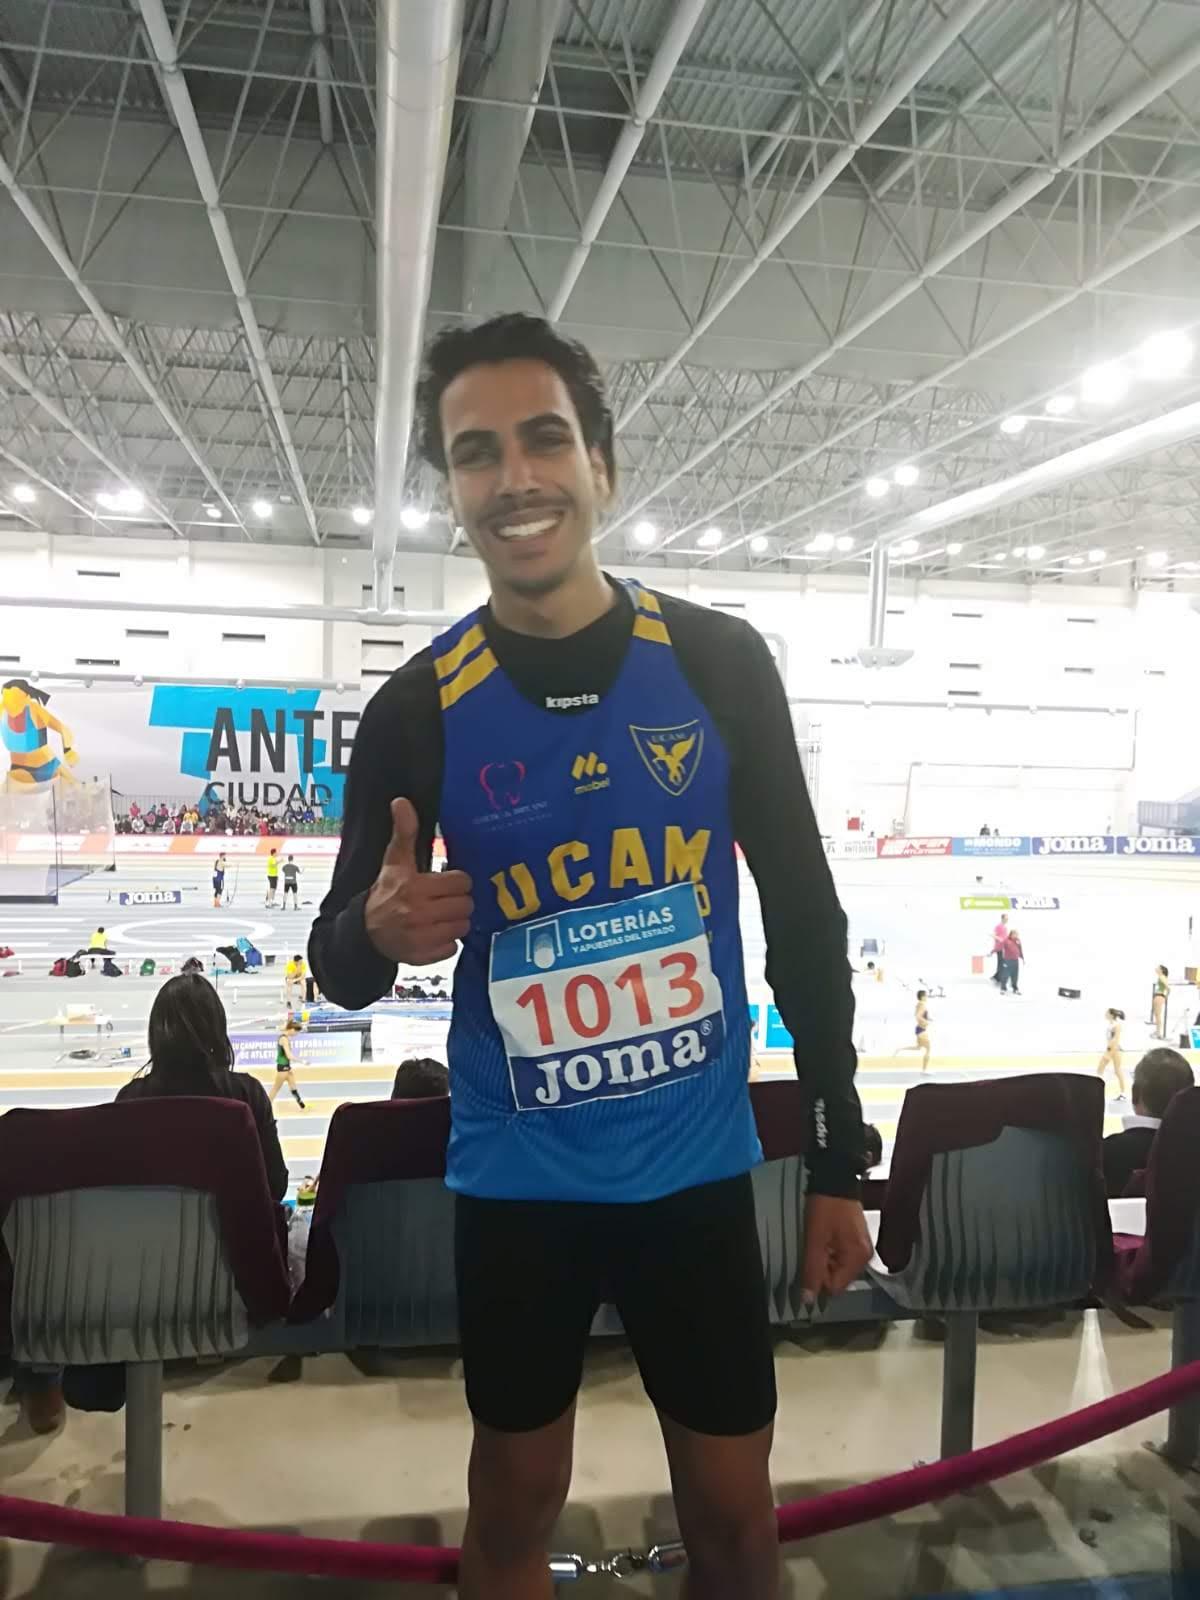 De Ucam En Plata Del La Cartagena División Atletismo Sigue El GjLqMpSUzV